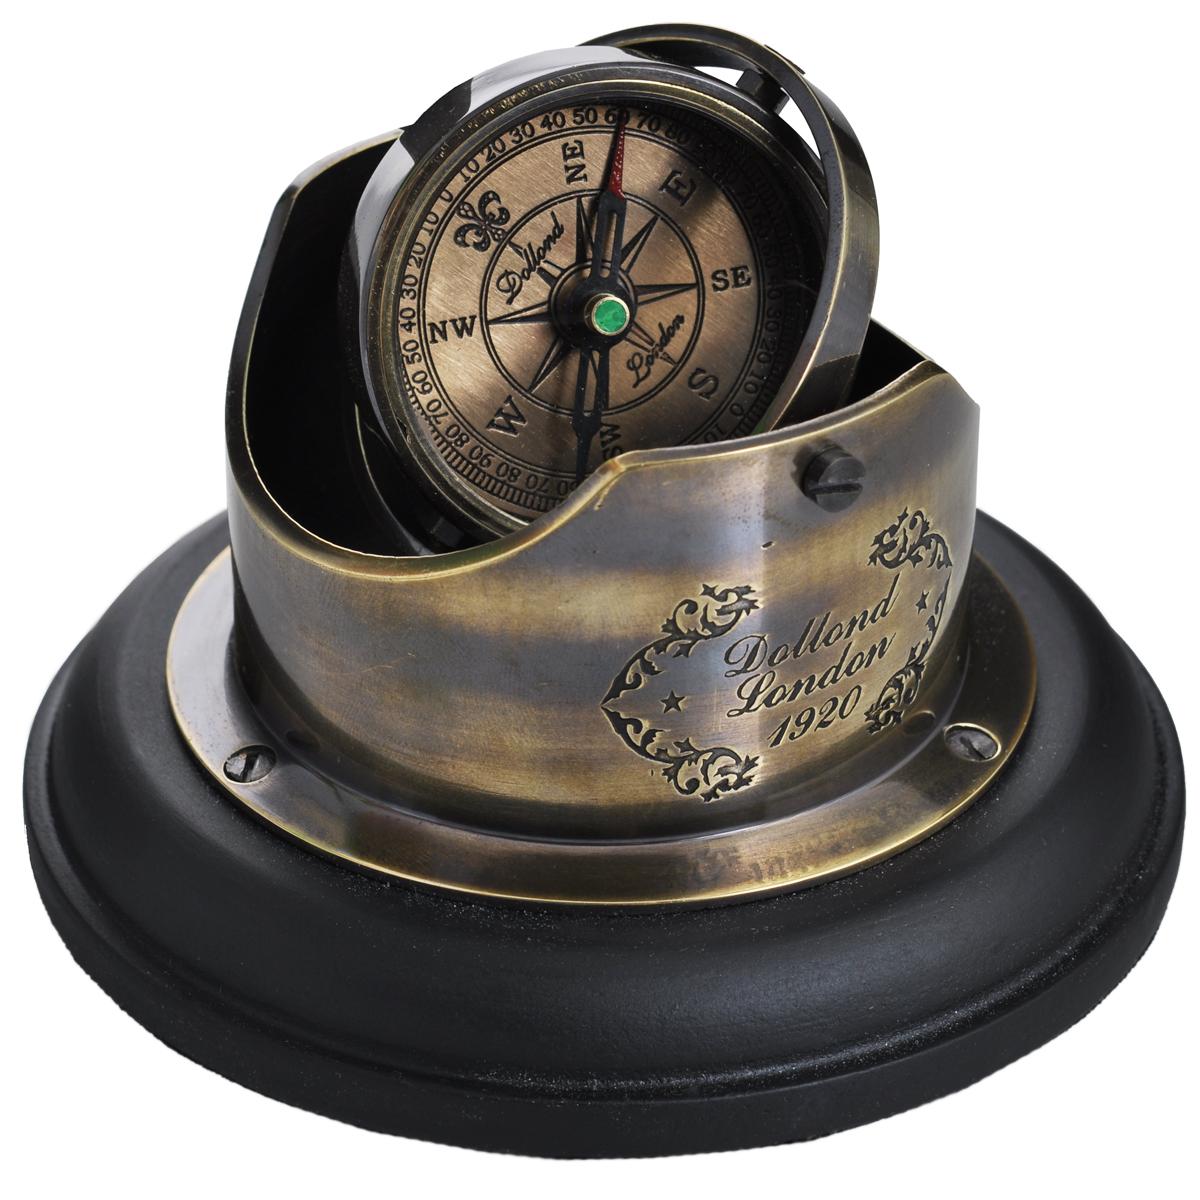 Сувенир настольный Корабельный компас. 3580735807Настольный сувенир выполнен в виде старинного корабельного магнитного компаса. Латунный корпус компаса установлен на деревянную базу по принципу гироскопа, что позволяет ему оставаться на прежнем уровне вне зависимости от угла наклона. Циферблат компаса оформлен градуировкой и обозначениями сторон горизонта. Внизу основание покрыто текстилем, чтобы защитить мебель от царапин. Такой сувенир станет прекрасным подарком человеку, любящему красивые, но в тоже время практичные вещи, способные украсить интерьер офиса или дома.